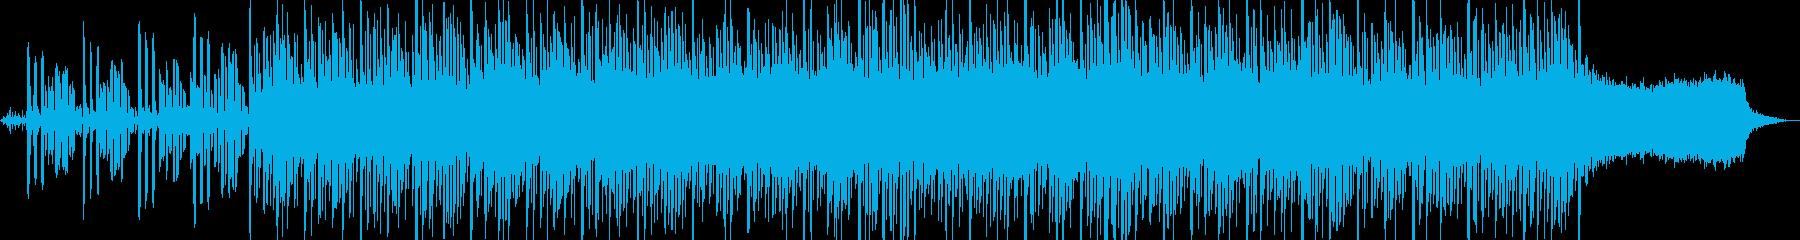 雨の高原や丘みたいなBGMの再生済みの波形